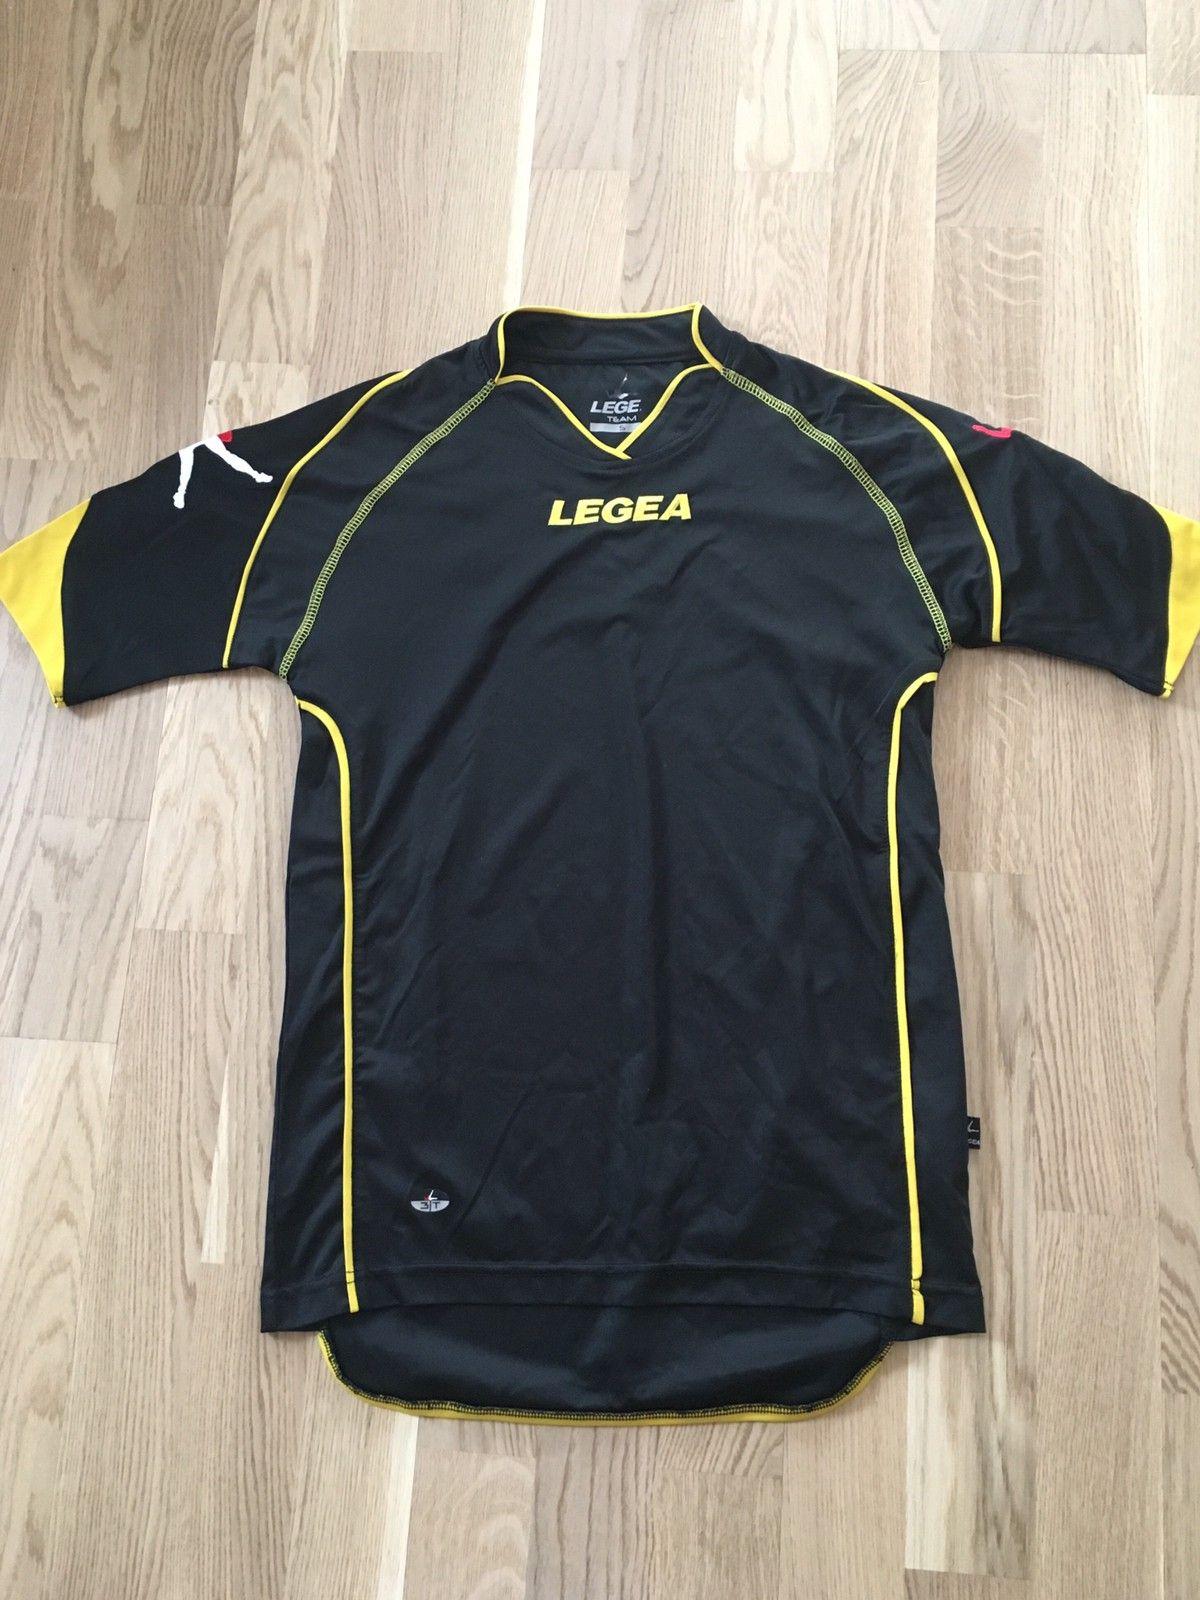 e24e2841 LSK treningstøy. Lite brukt. Shorts, t-shirt, genser, bukse, sokker ...